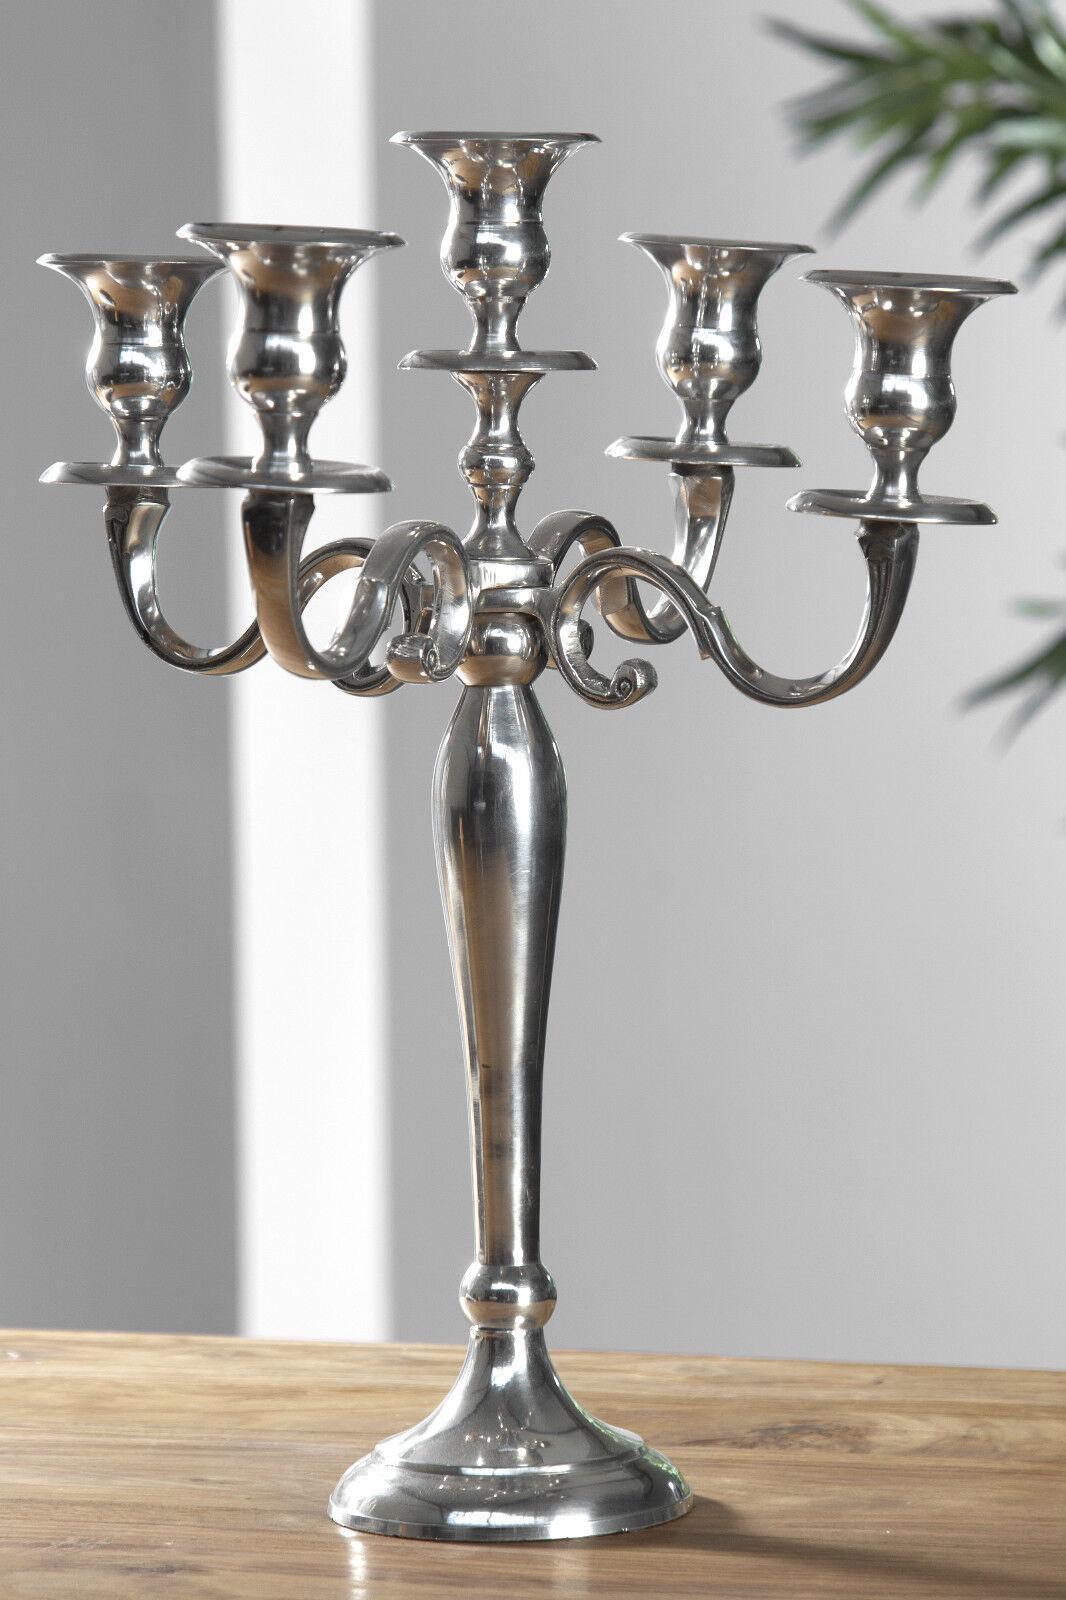 5 Armiger Kerzenleuchter : 5 armiger kerzenleuchter 40cm aus aluminium kerzenst nder barock kandelaber neu ebay ~ Frokenaadalensverden.com Haus und Dekorationen